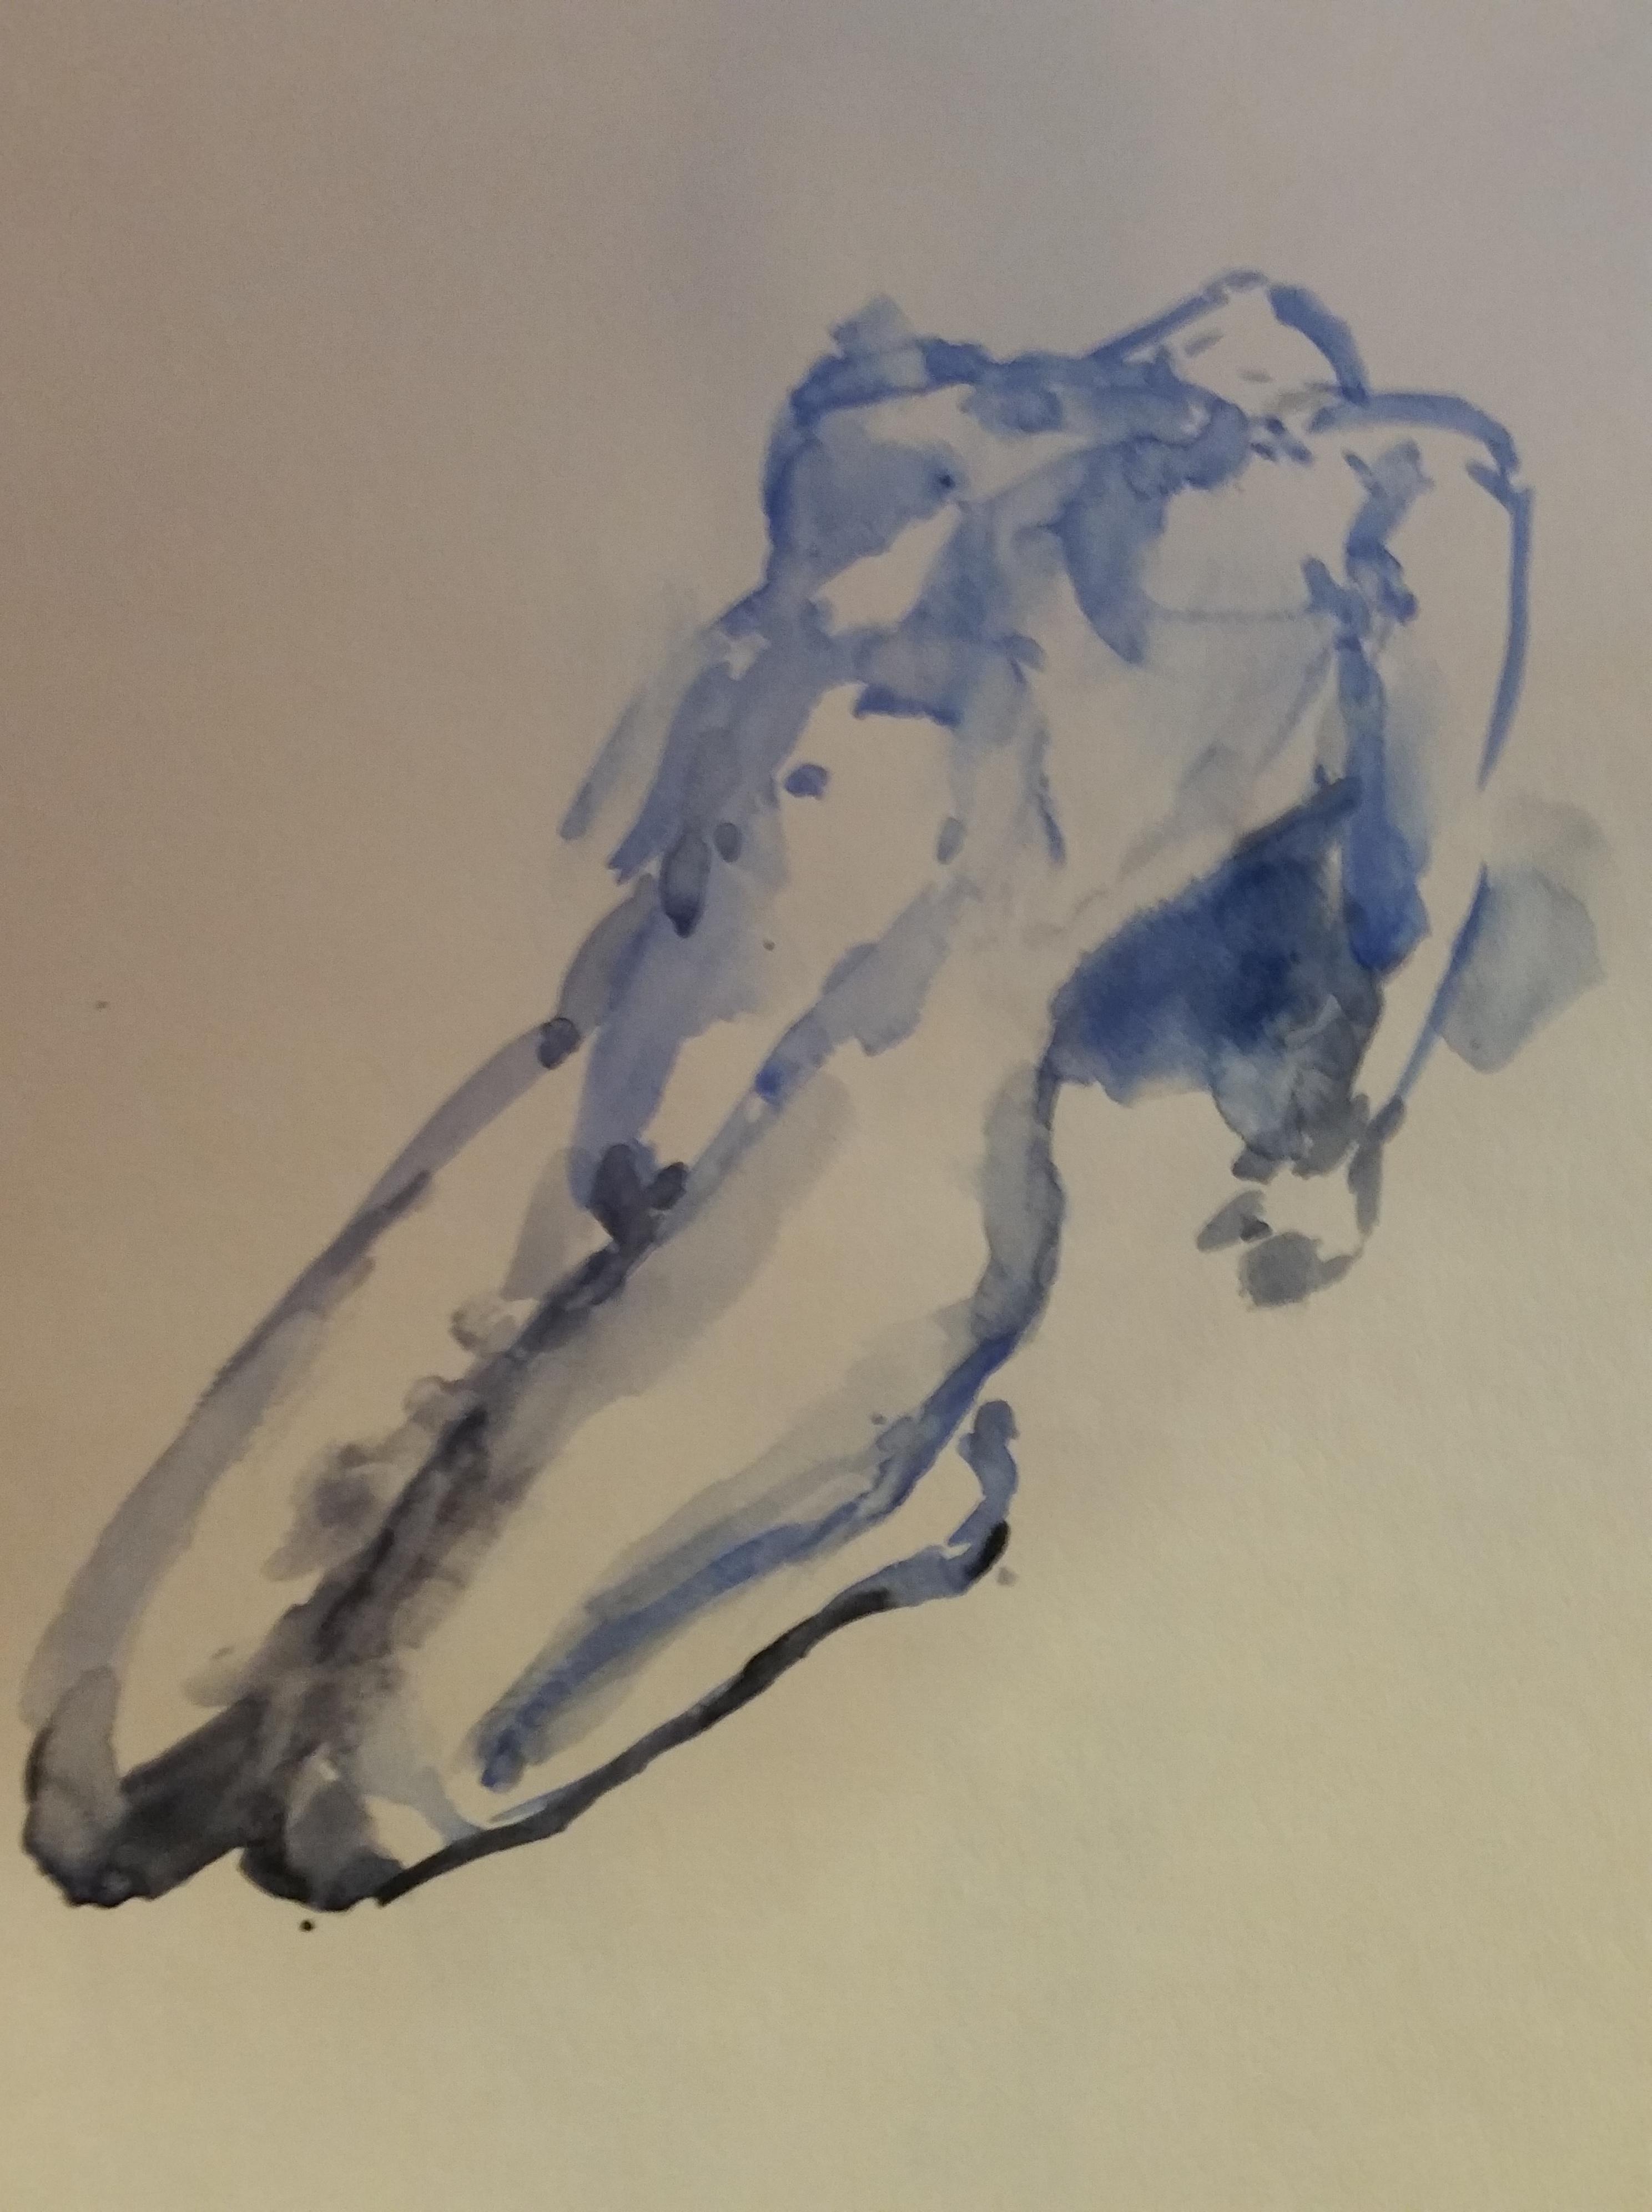 Modèle allongé bleue aquarelle sur papier dessin  cours de dessin